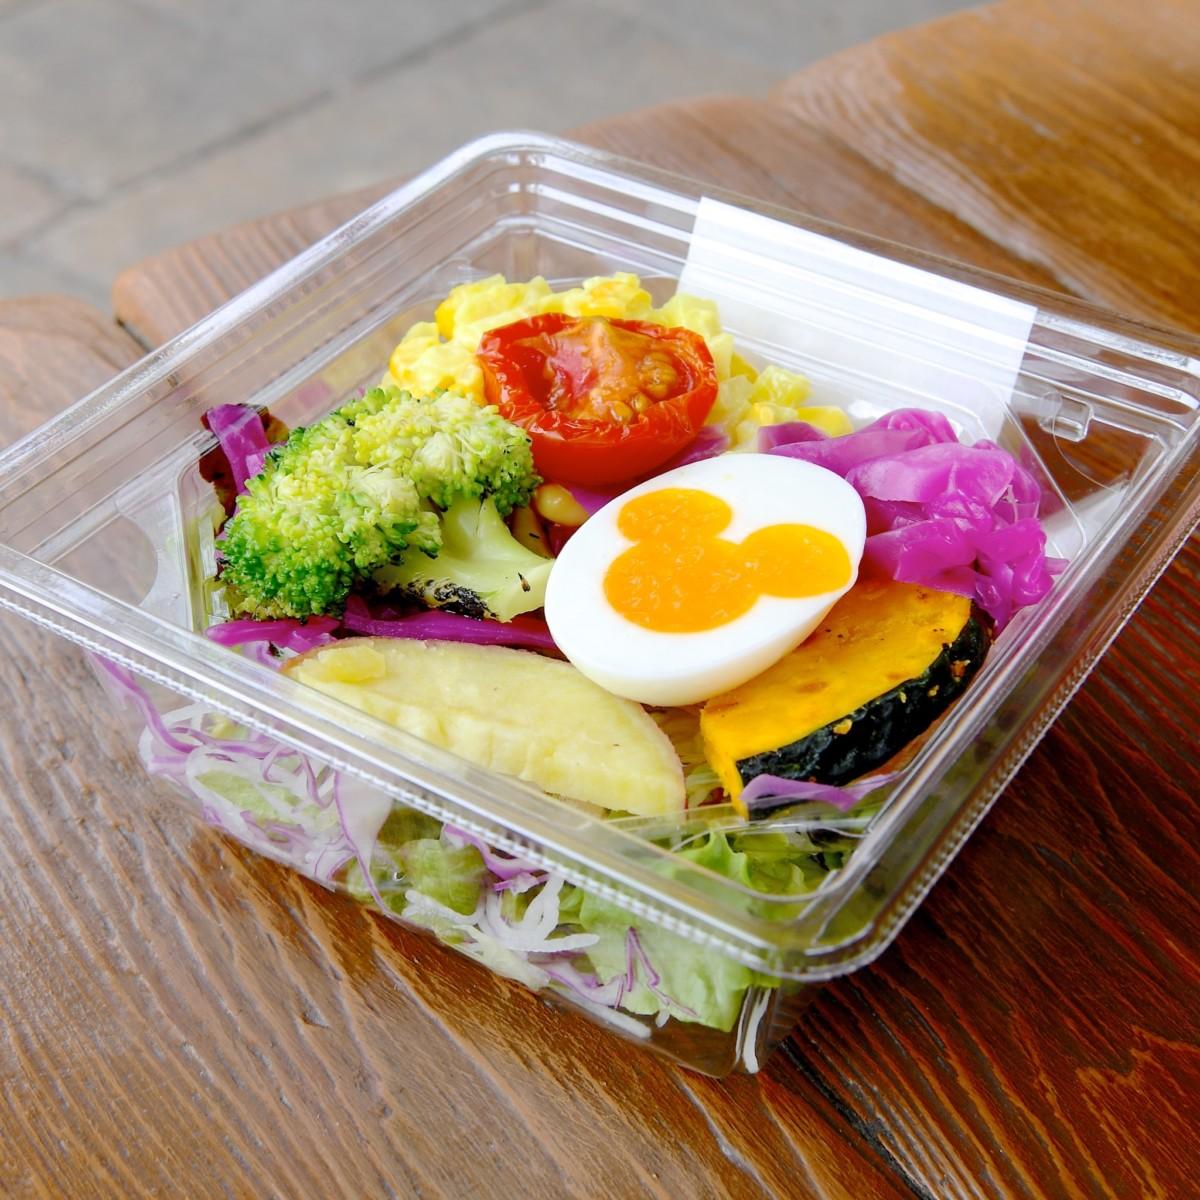 ローストベジタブルとエッグのサラダ、トマトオニオンドレッシング